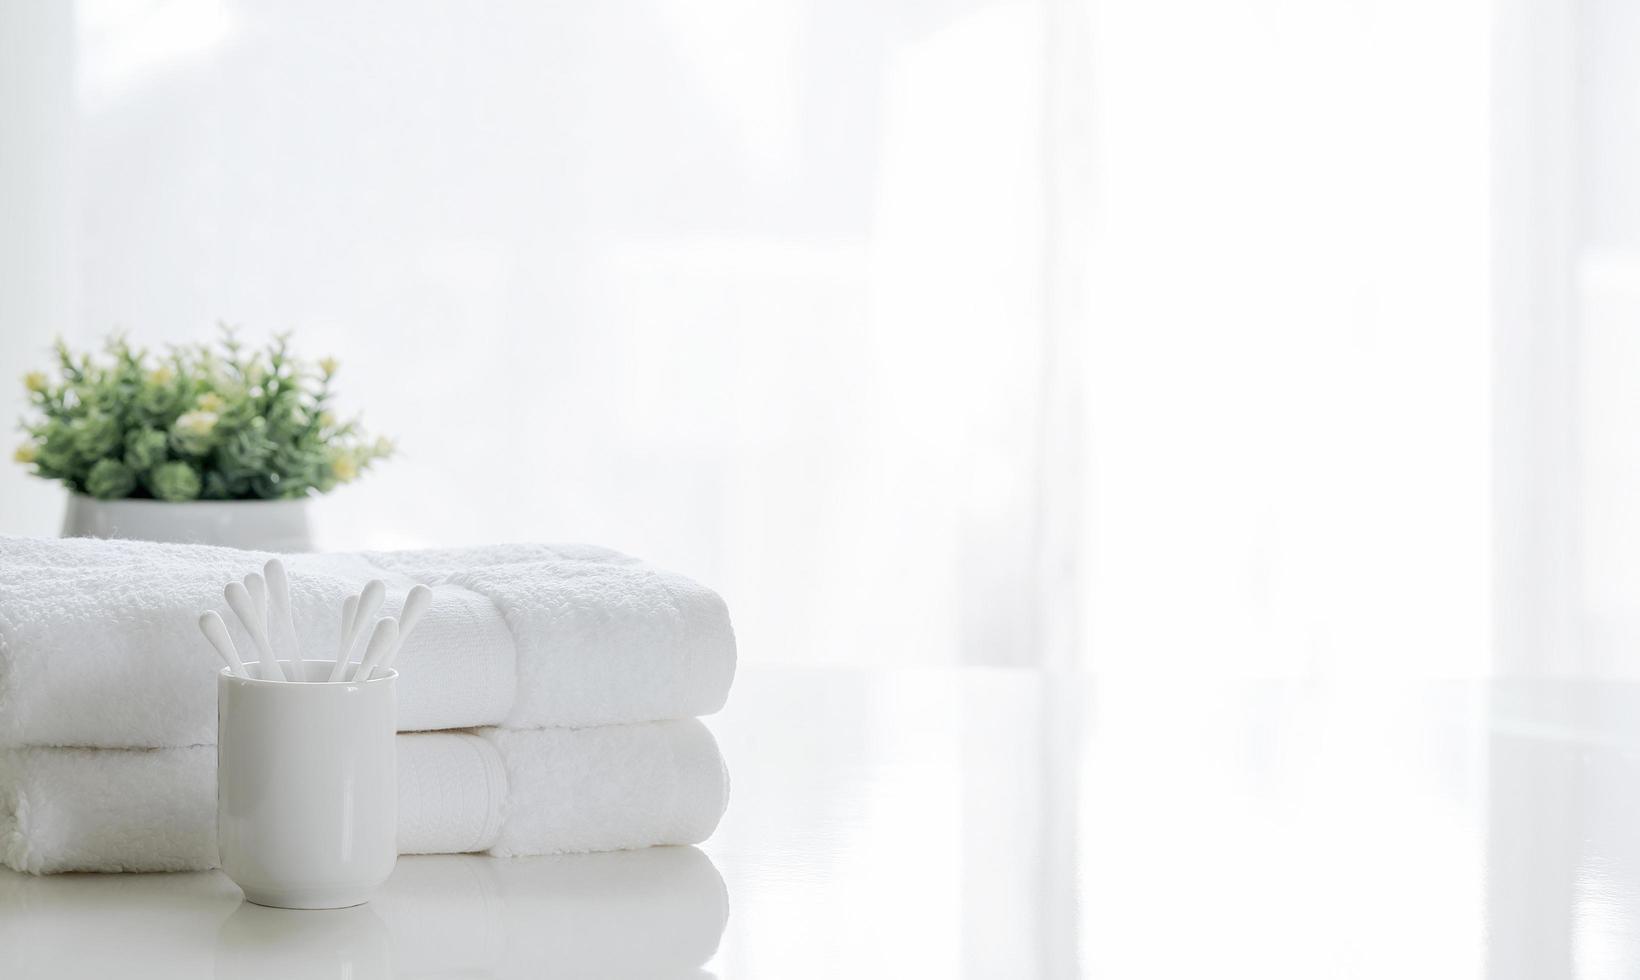 witte handdoeken op een tafel met een plant foto